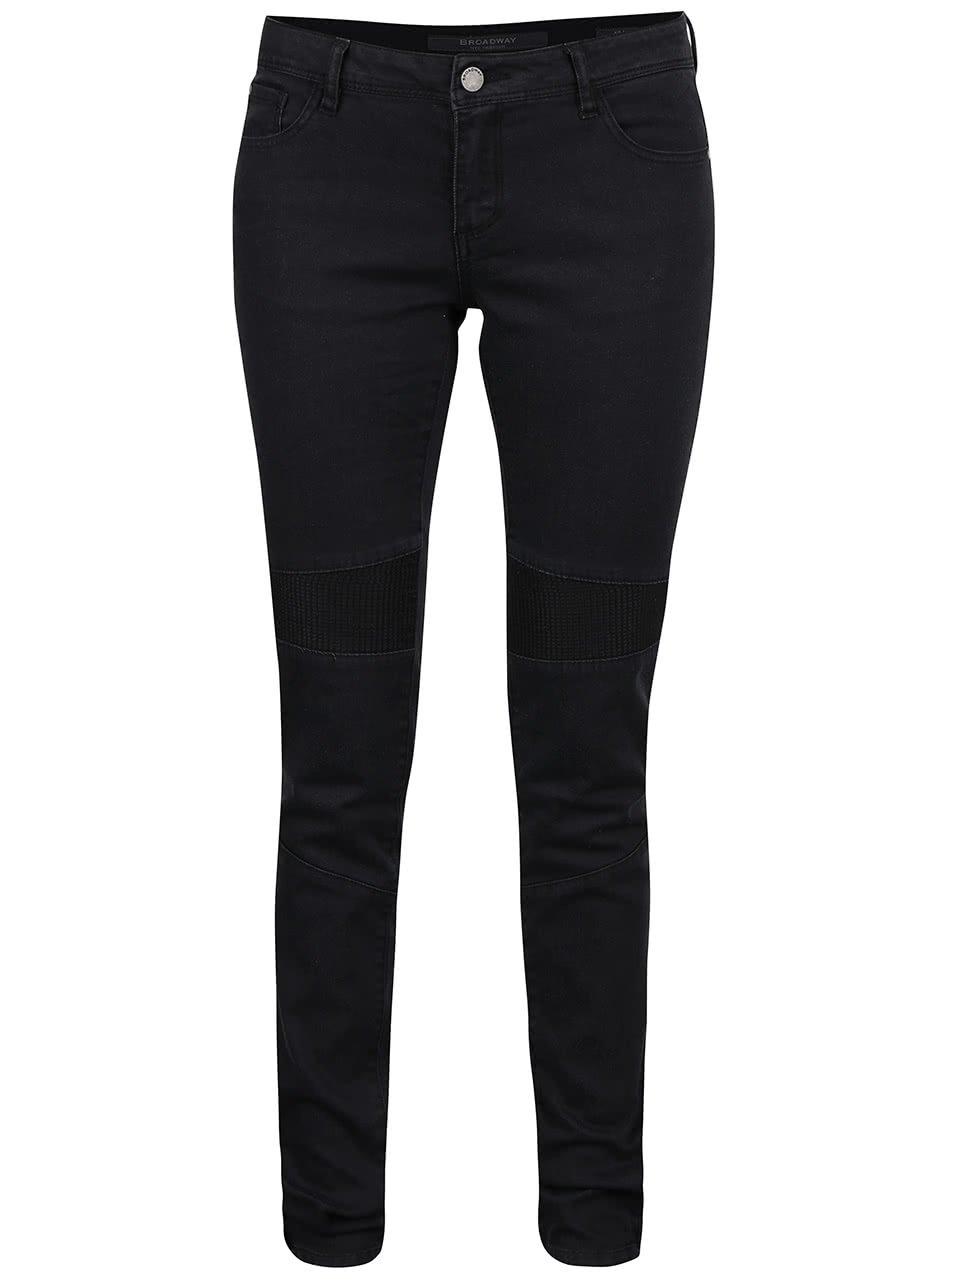 Černé dámské skinny džíny Broadway Jane